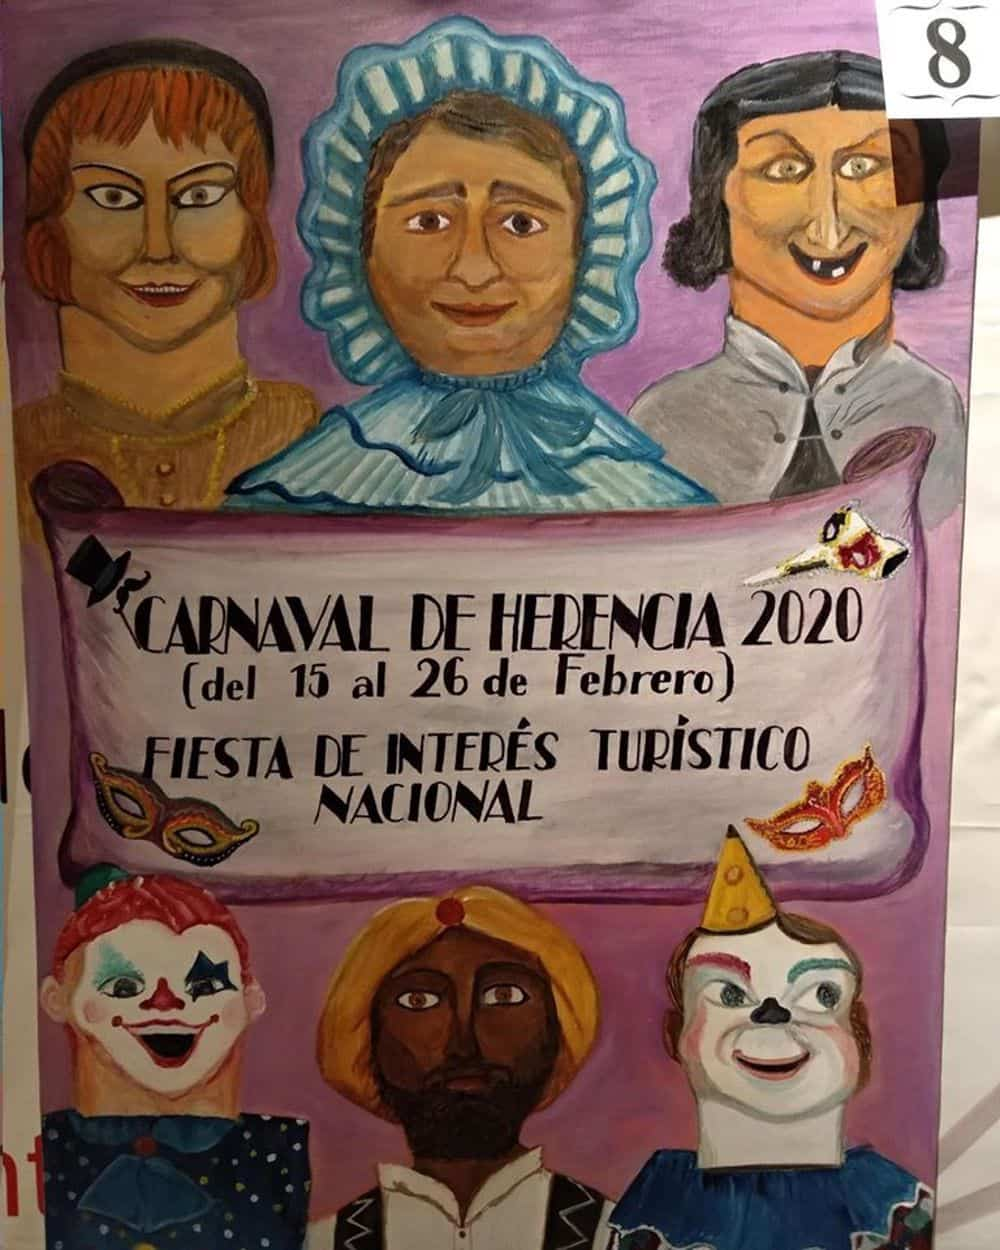 Conoce los carteles de Carnaval de Herencia 2020, ¿cuál te gusta más? 25